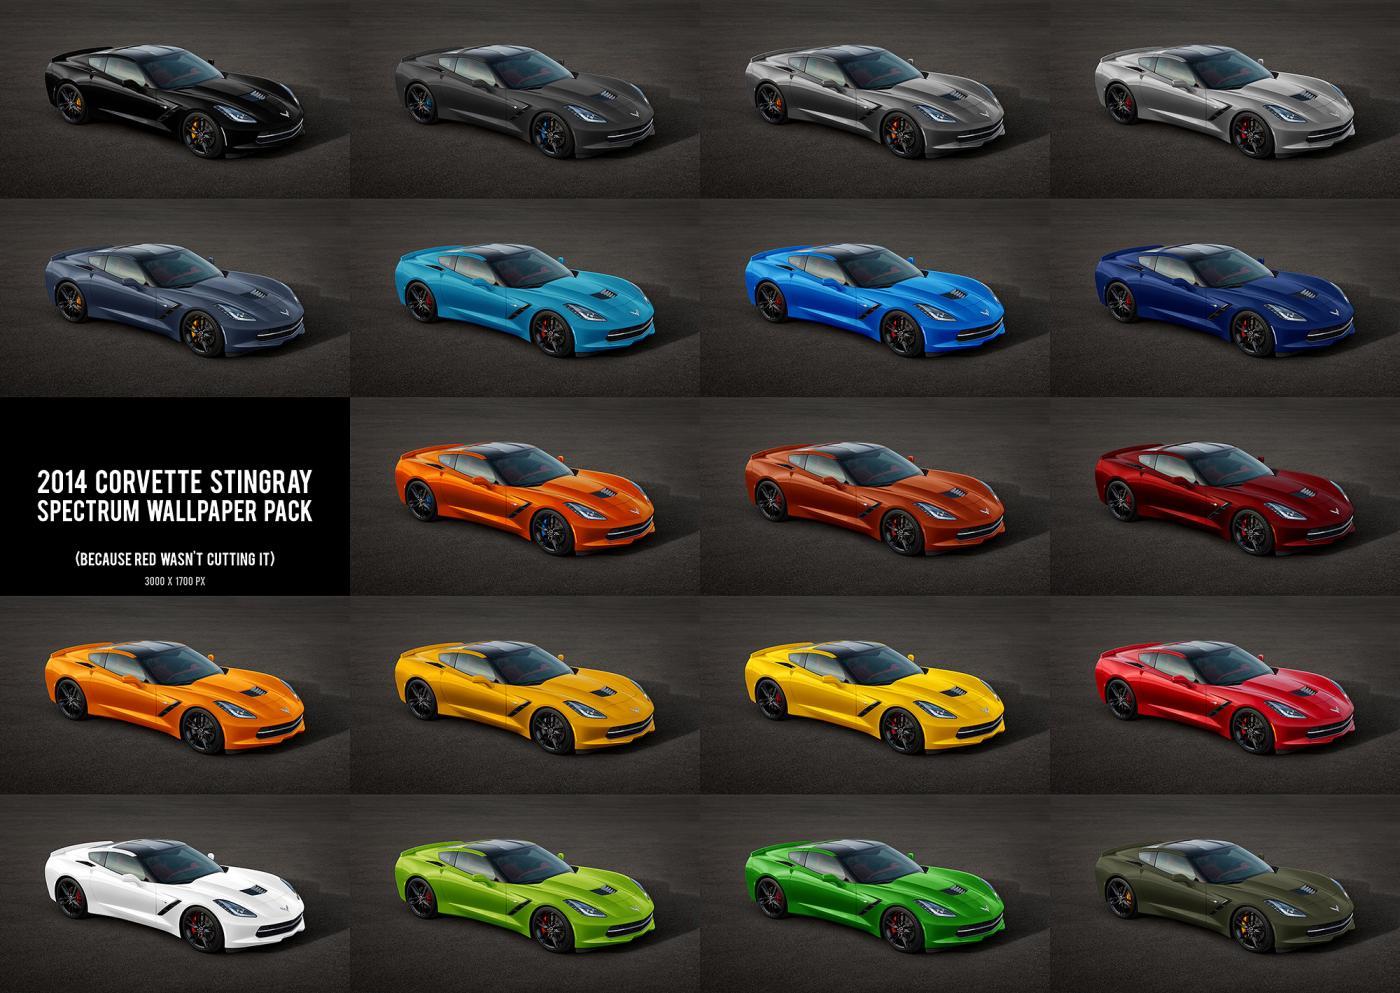 ZR1 Corvette Stingray C7 imagined - Chevrolet Corvette Stingray C7 ...